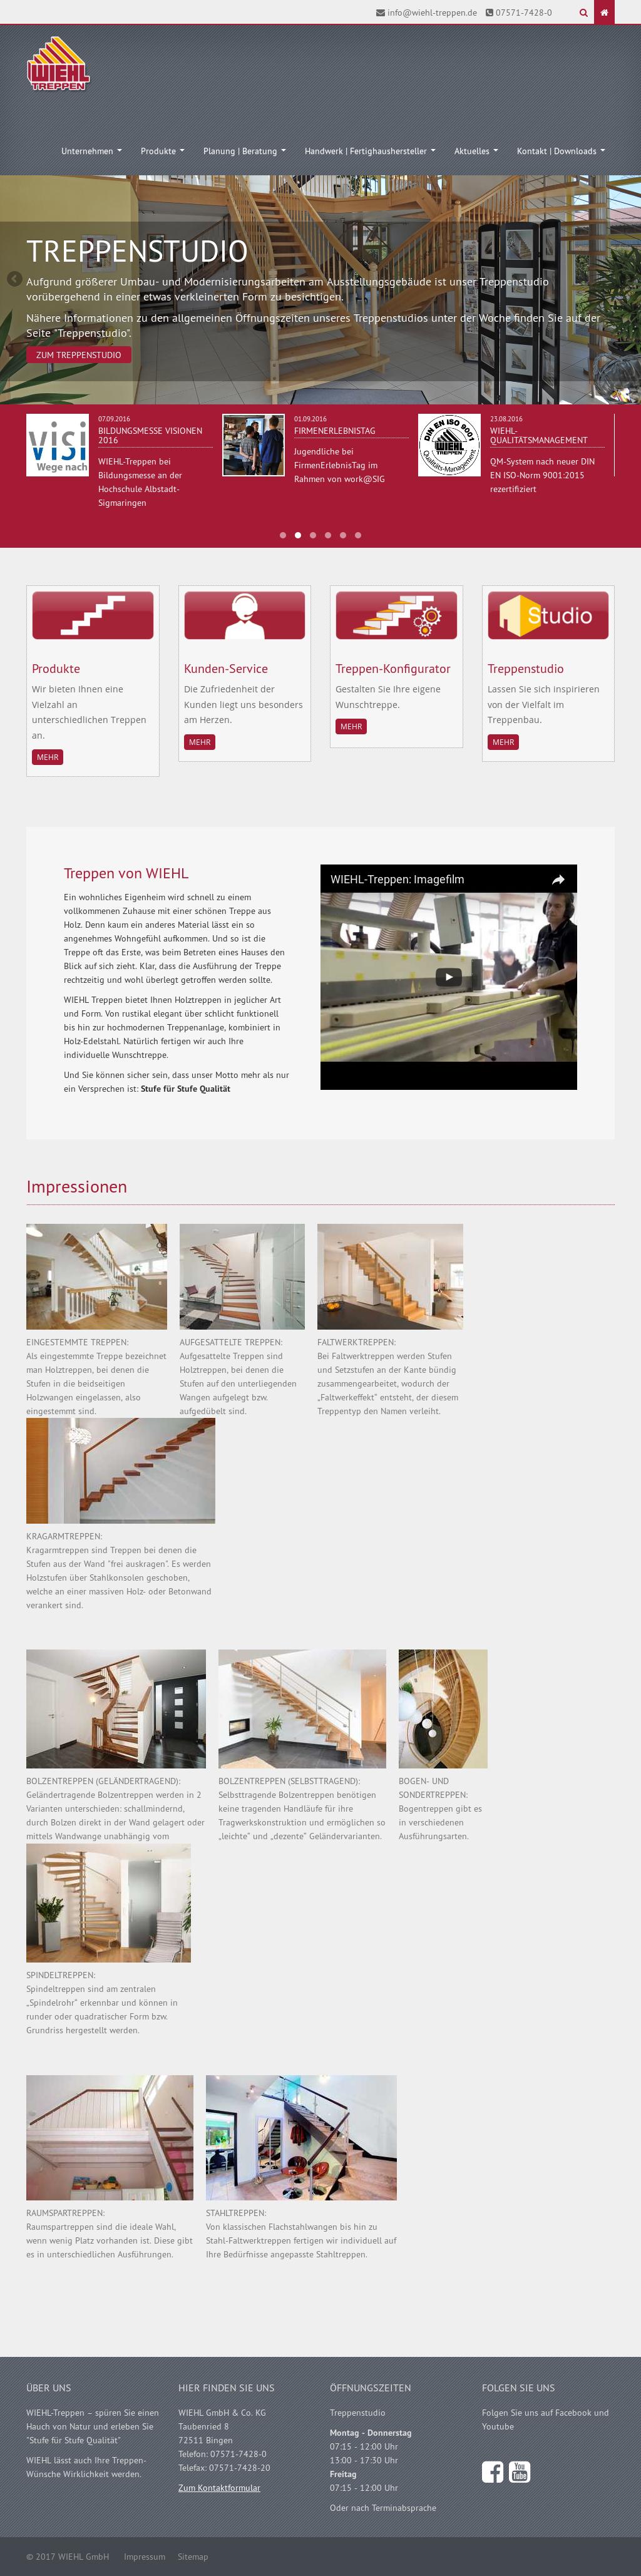 Künstlerisch Wiehl Treppen Sammlung Von Wiehl-treppen, Petitors, Revenue And Employees - Owler